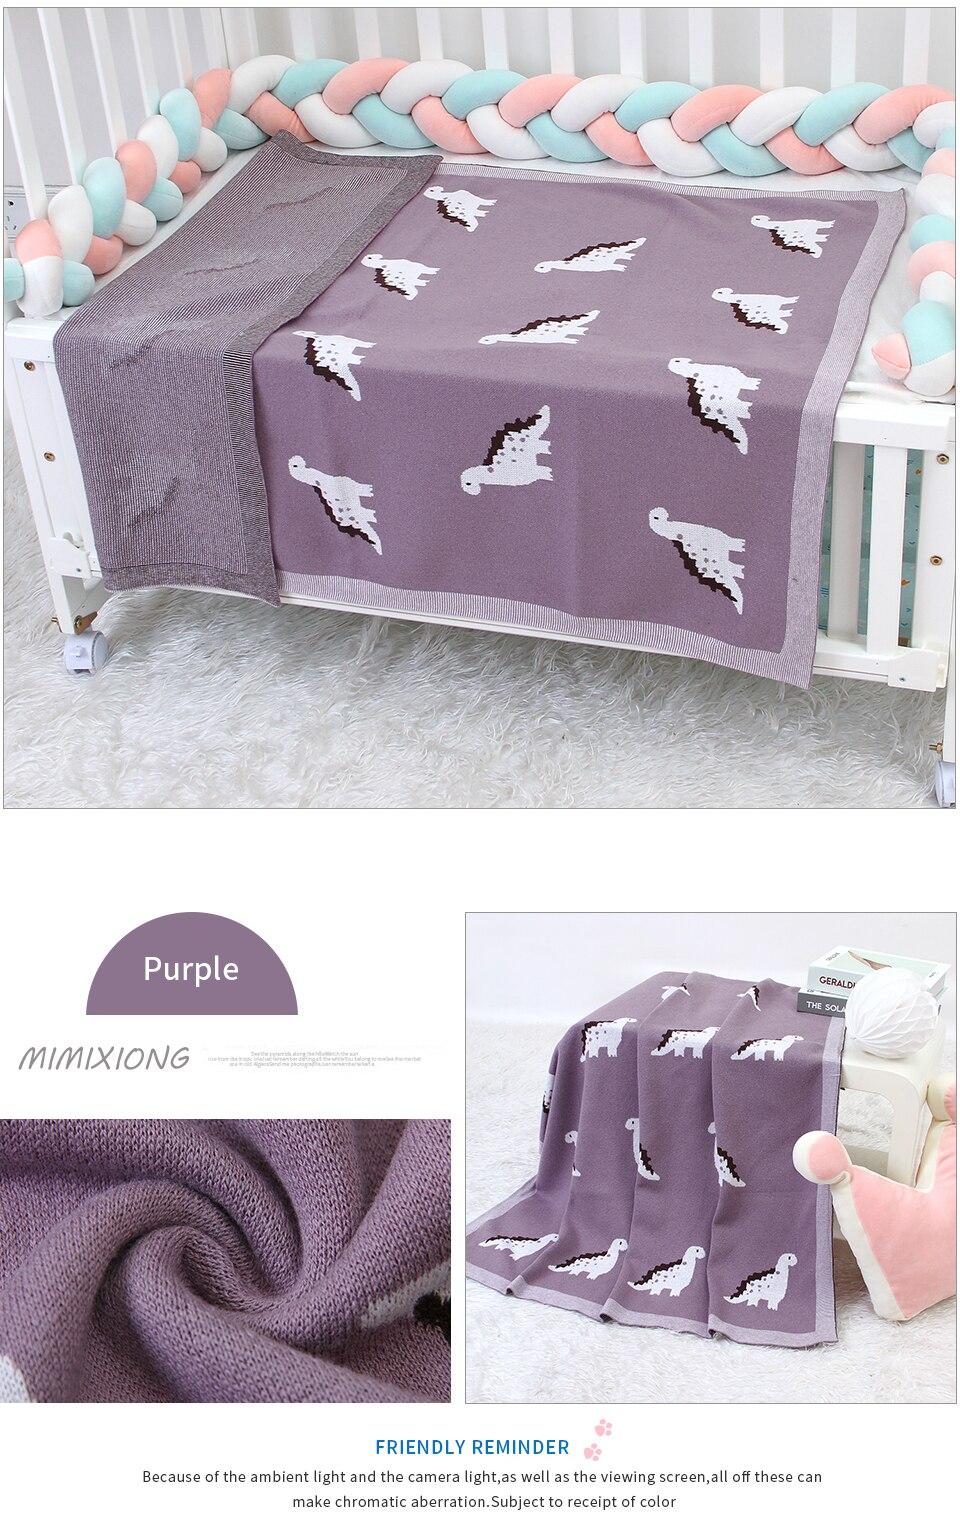 cobertores de algodão 100*80cm dinossauro malha criança